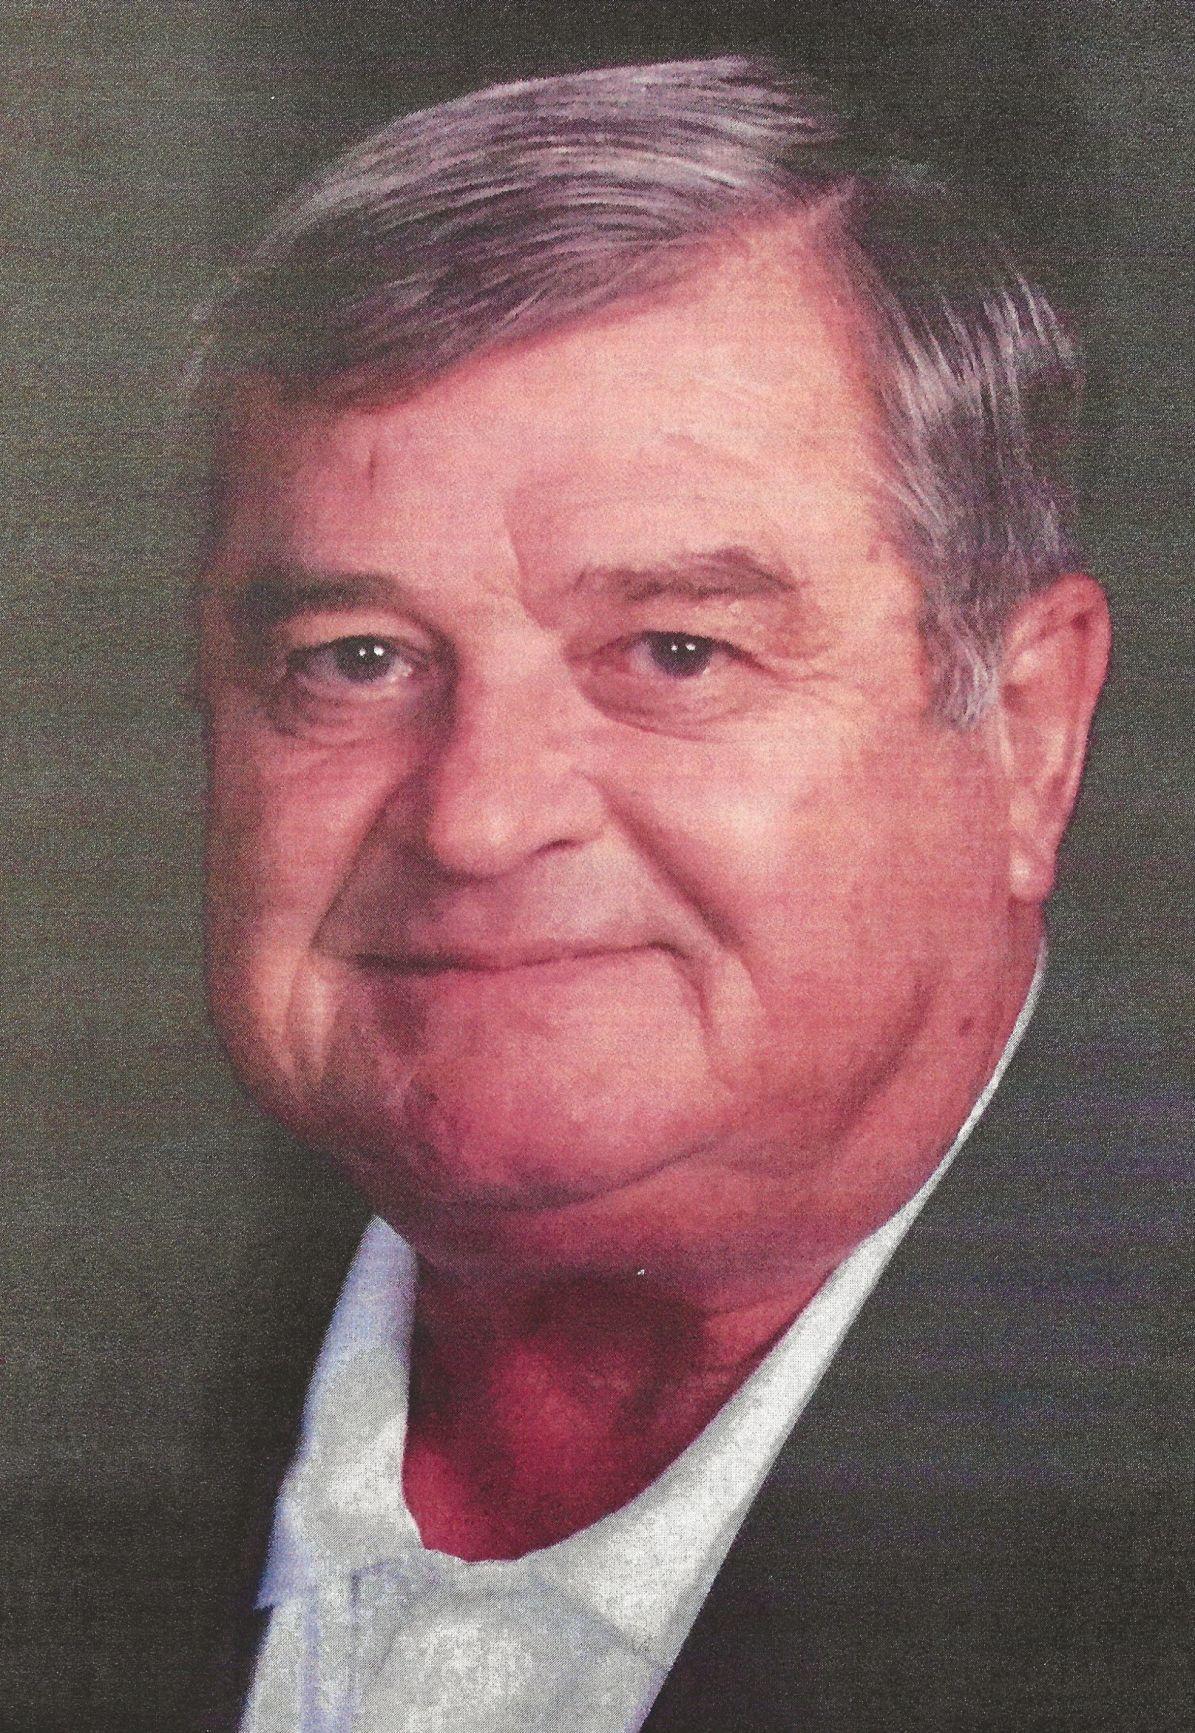 Floyd Kenneth Olanyk